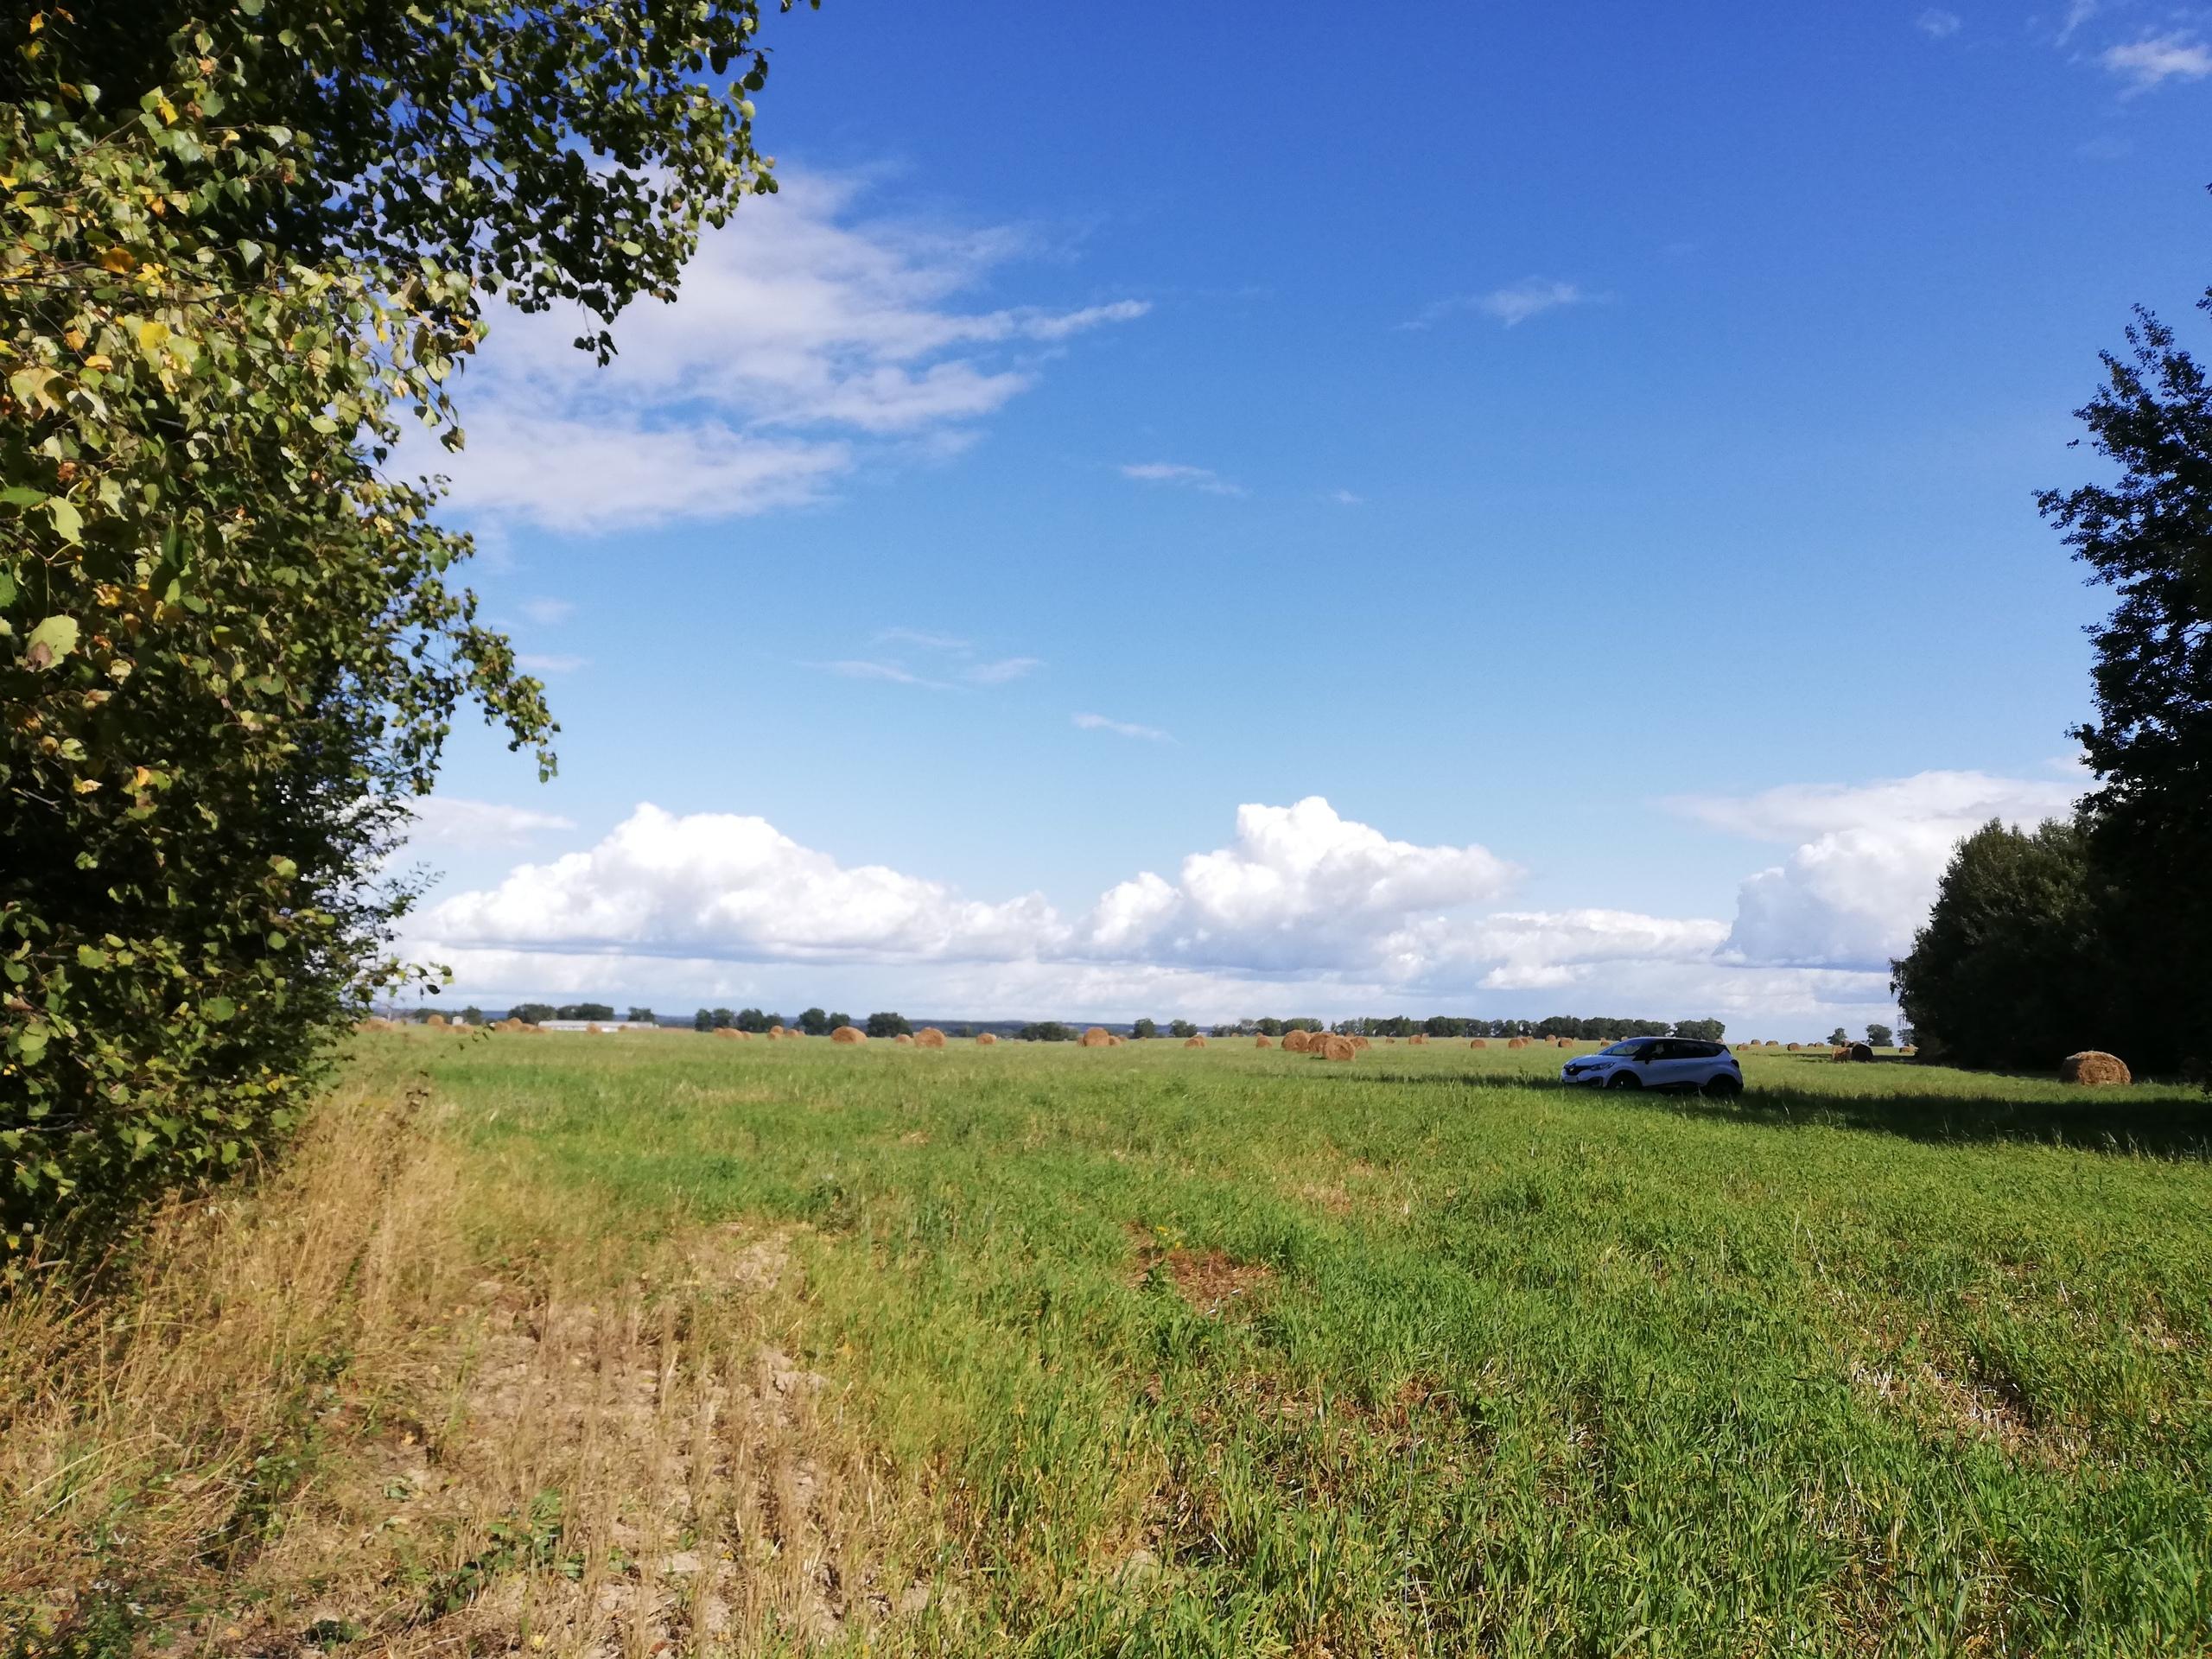 Здесь раньше был хутор, где жила семья моего деда, пока его не раскулачили Беларусь,the real story,#яостаюсьдома,СССР